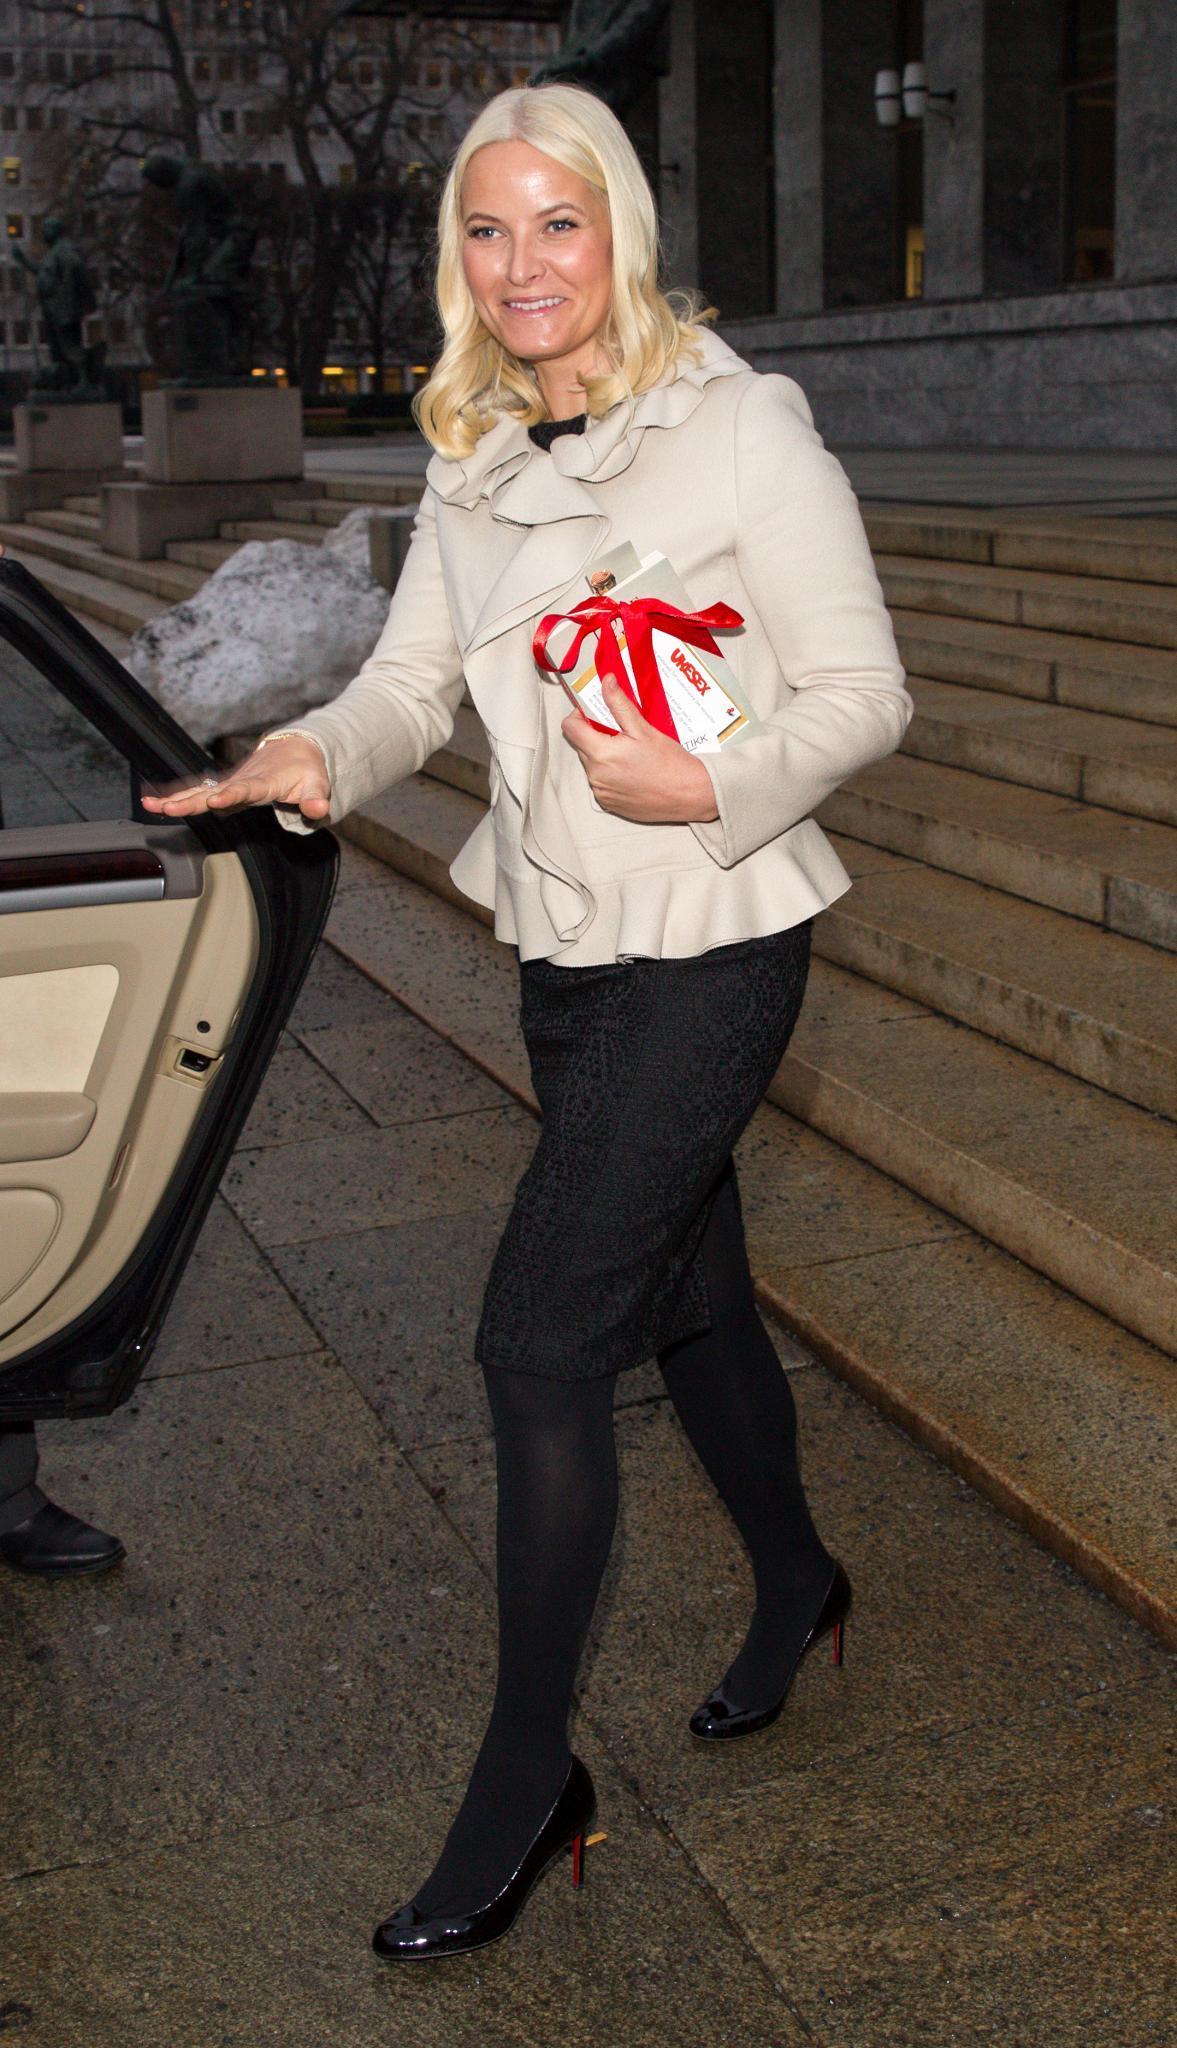 Mette-Marit am 7. Februar bei einer Ausstellung in Oslo.